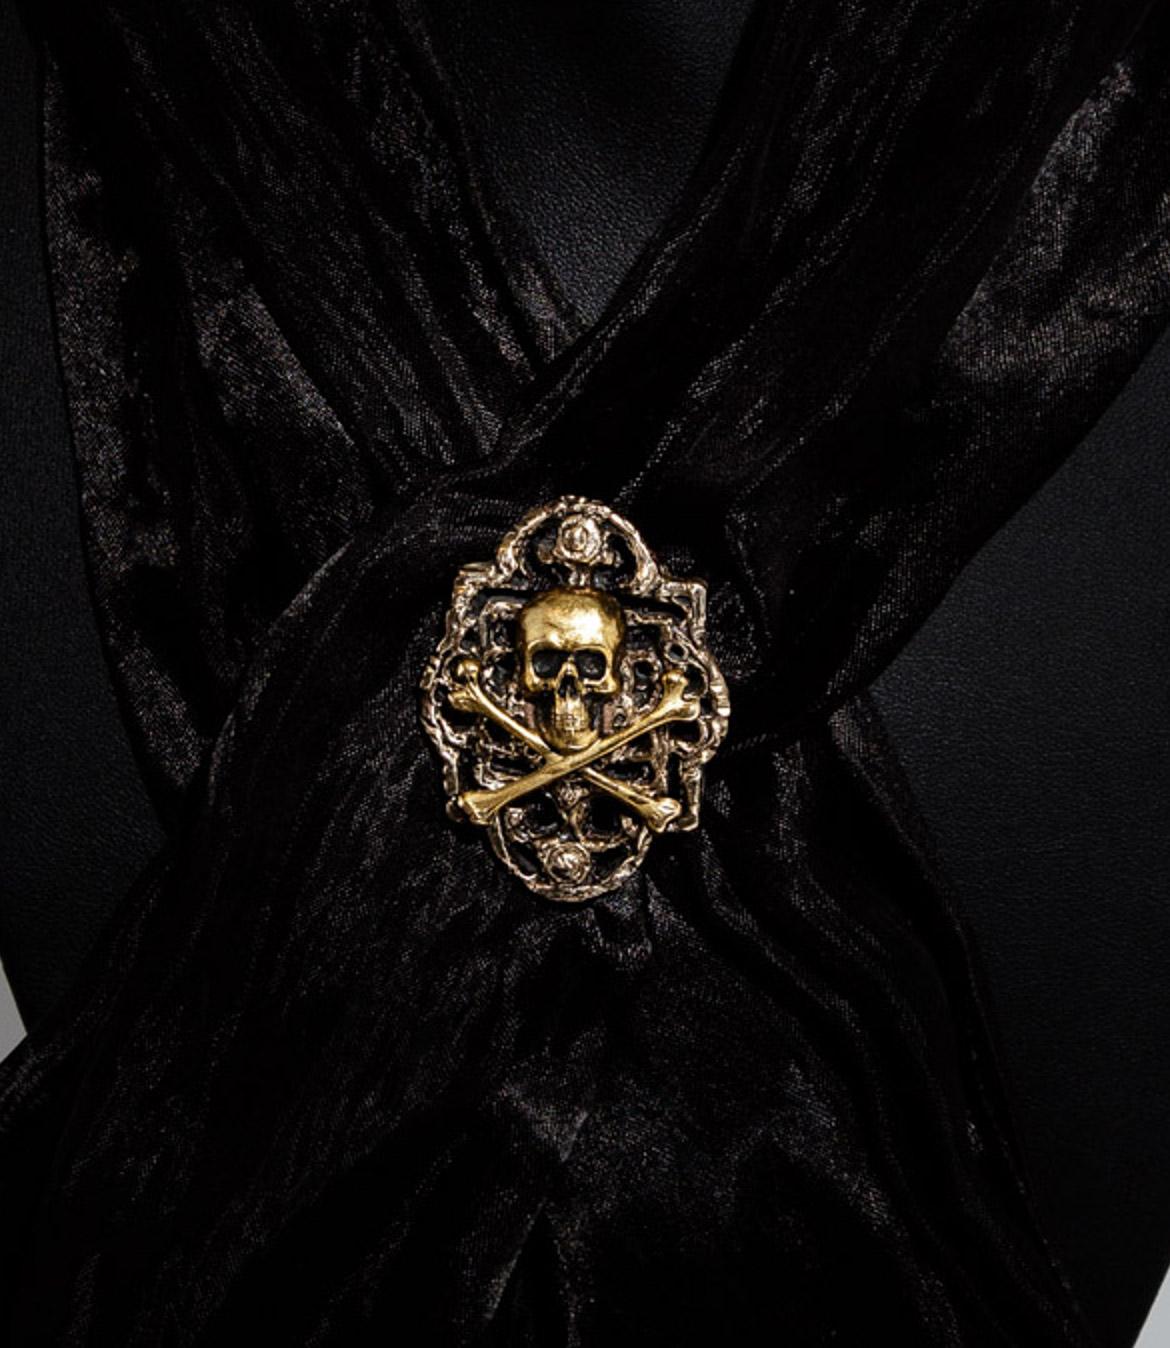 Skull & Bones Pin